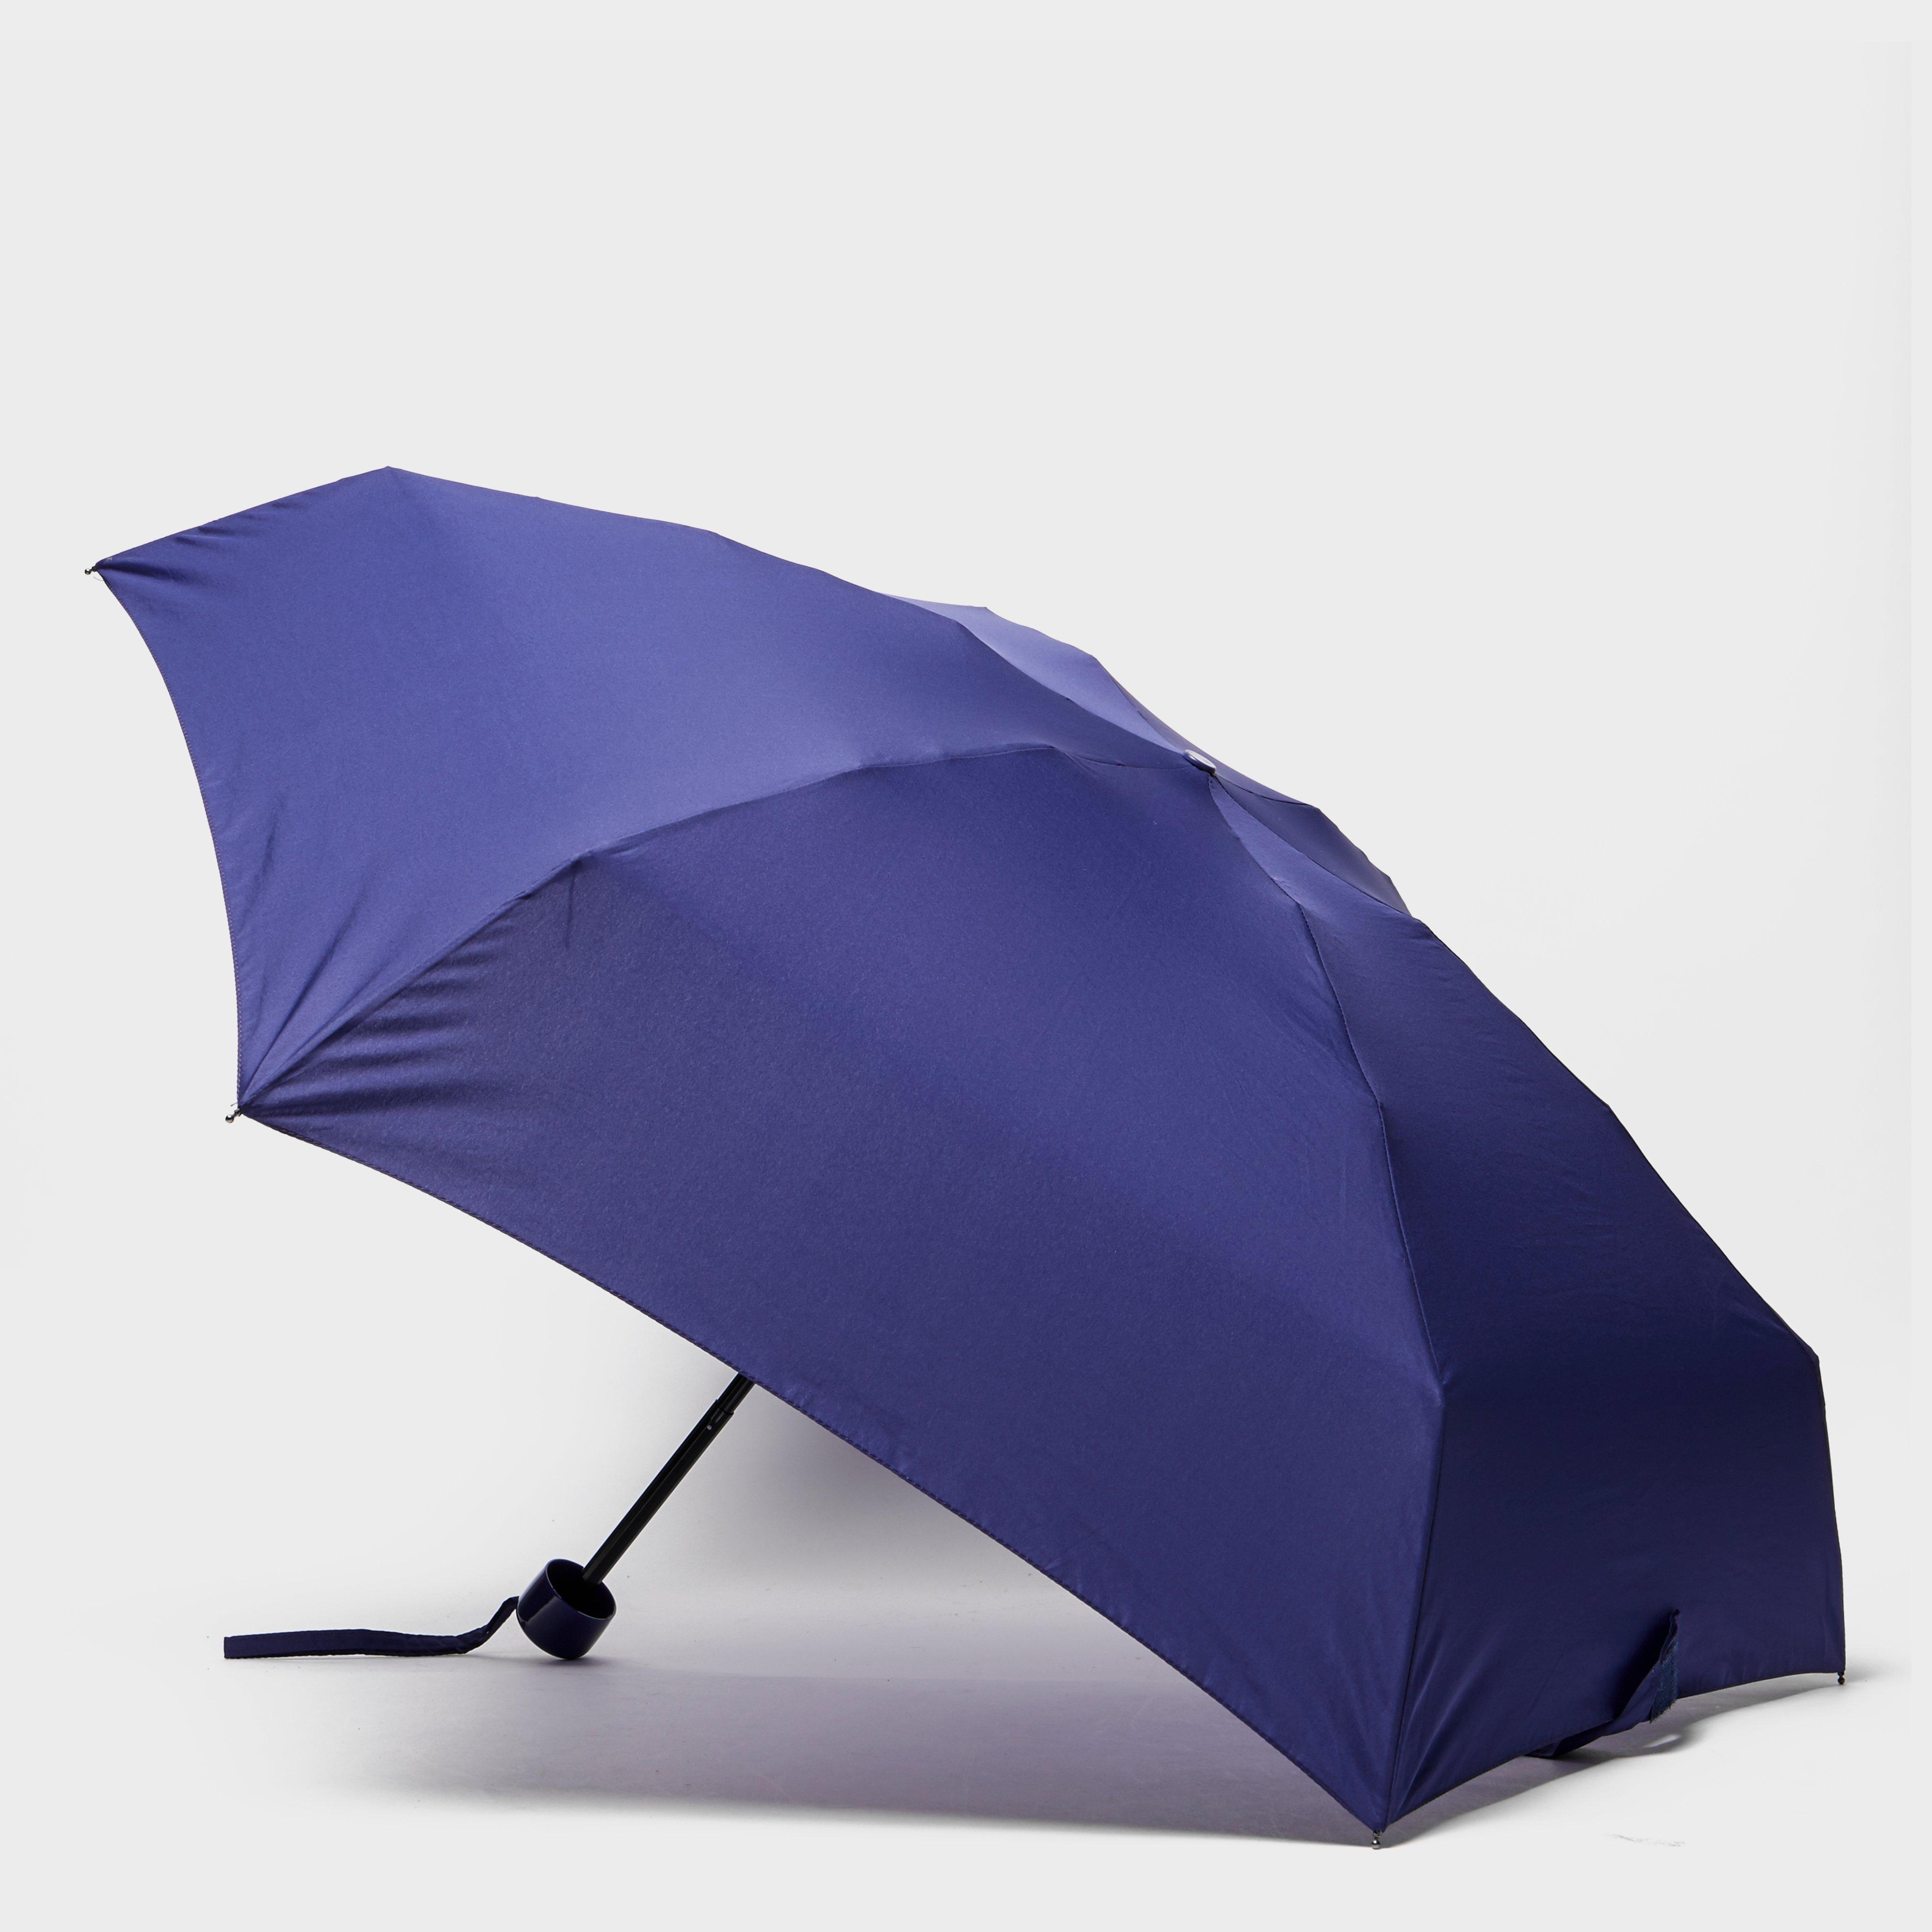 Fulton Fulton Soho 1 Umbrella - Navy, Navy